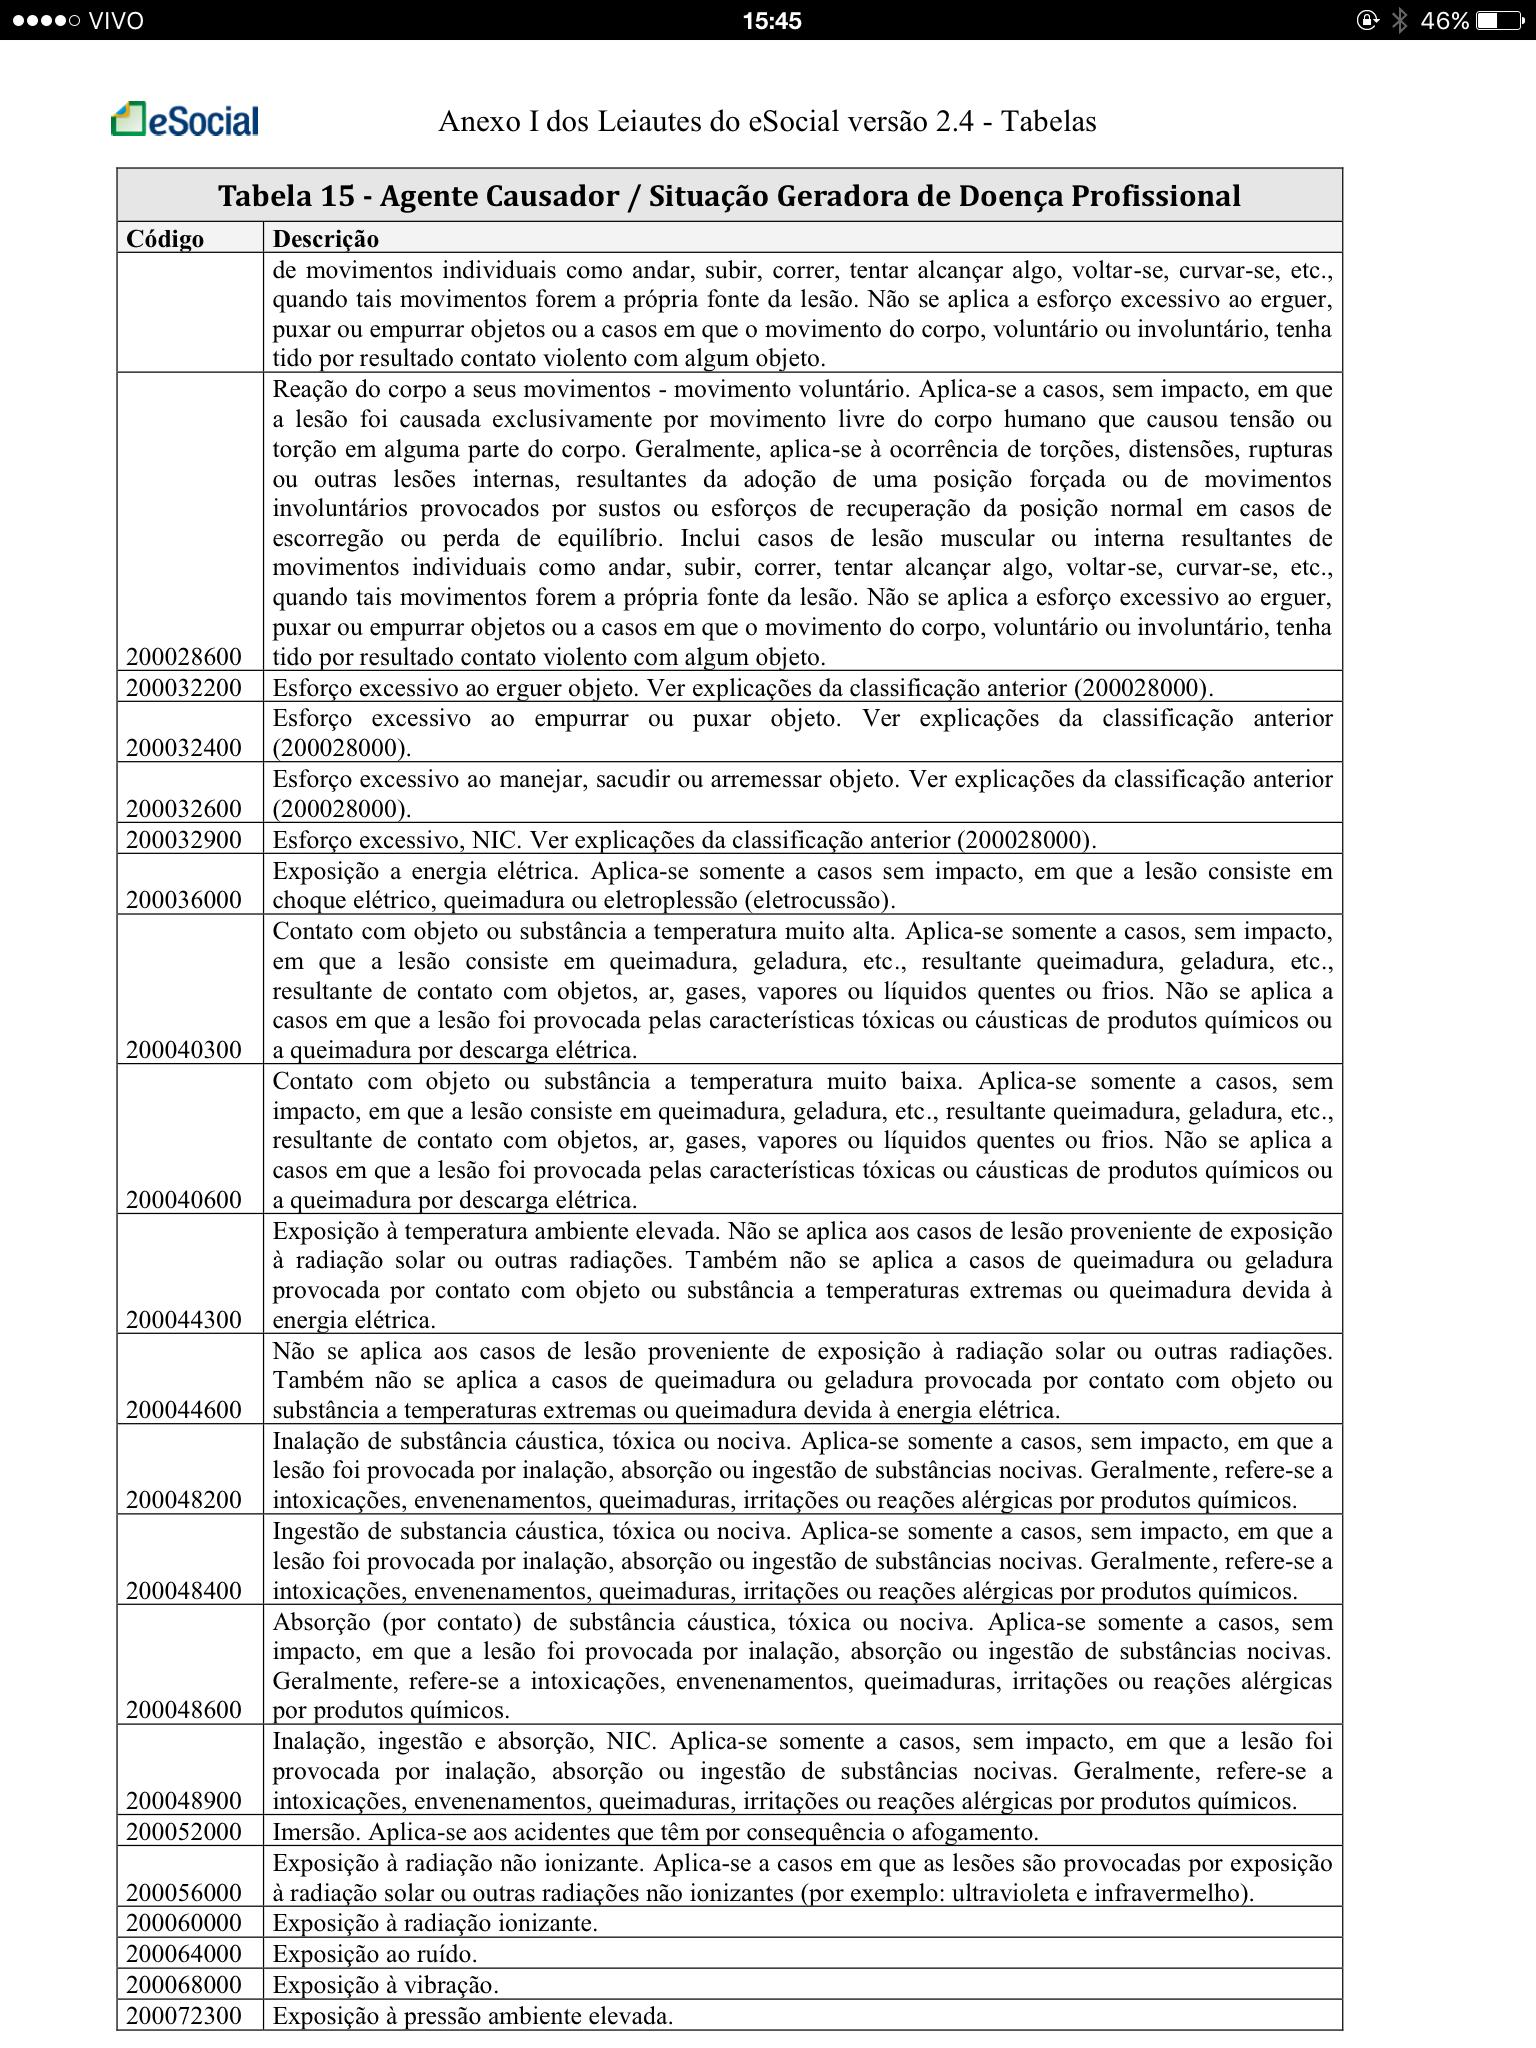 Tabela 15 - Agente Causador - Situação Geradora de Doença Profissional 3